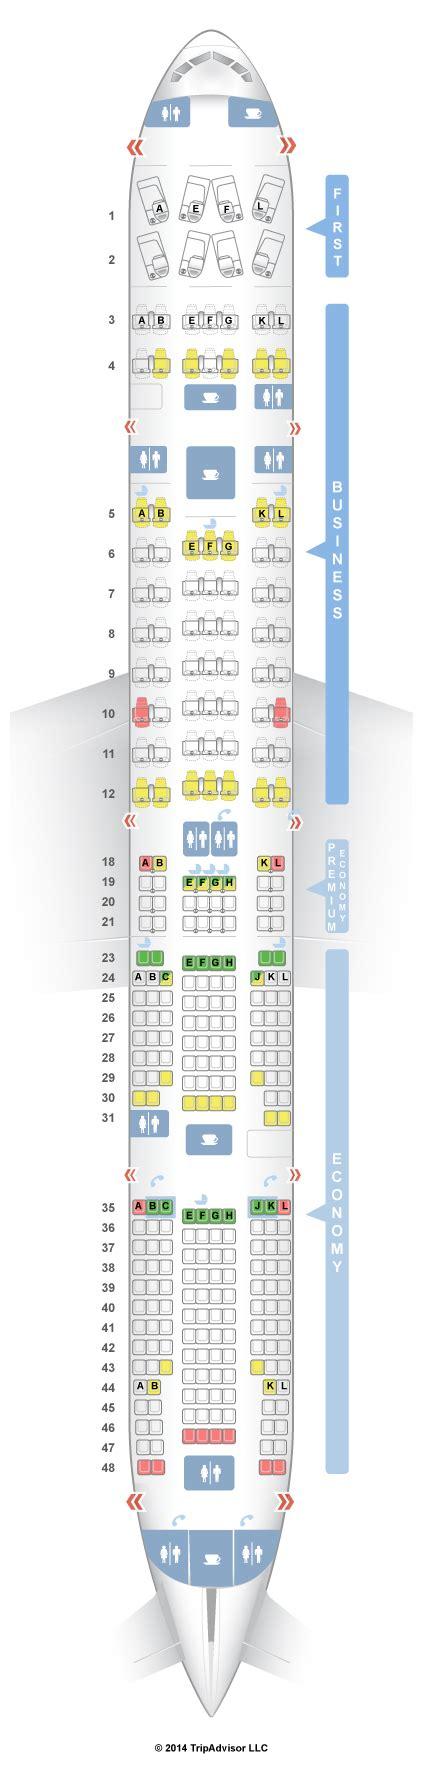 777 300er seat map seatguru seat map air boeing 777 300er 77w four